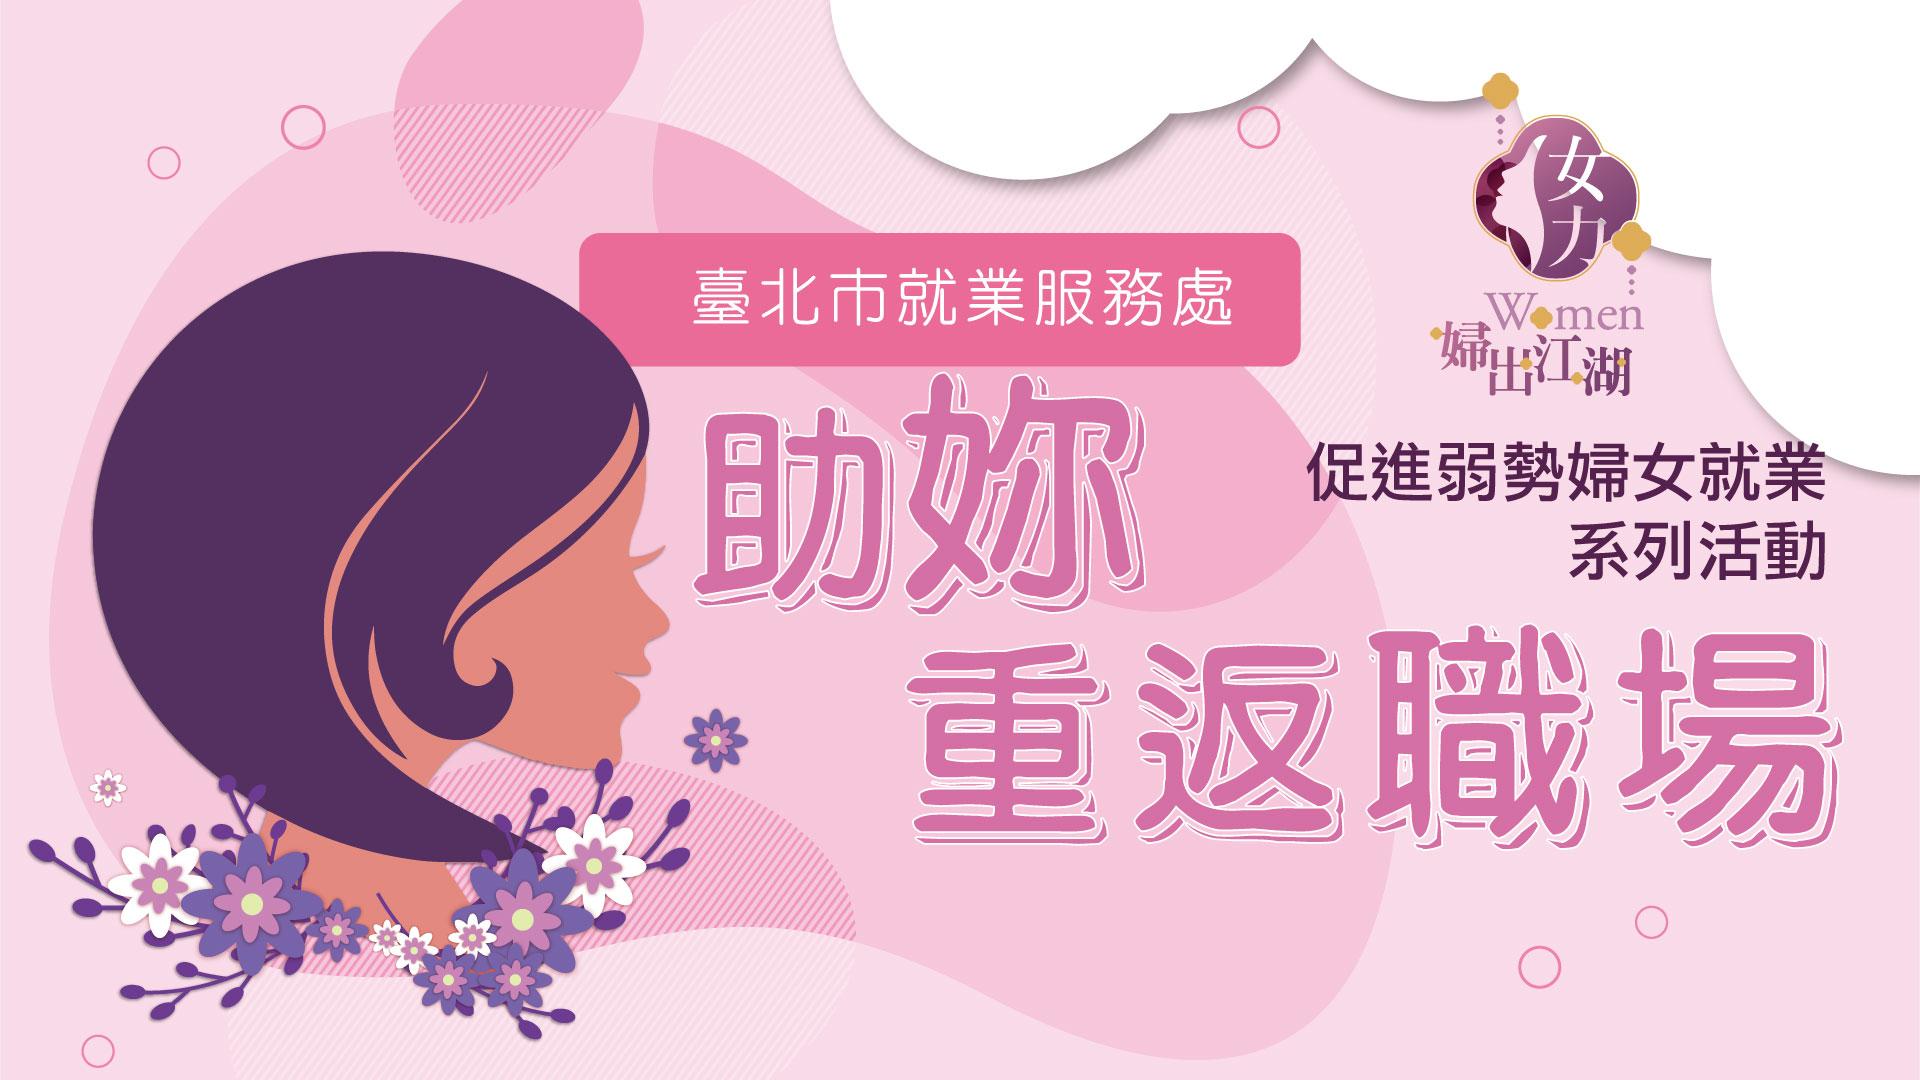 【臺北市就業服務處】109年 協助弱勢婦女重返職場